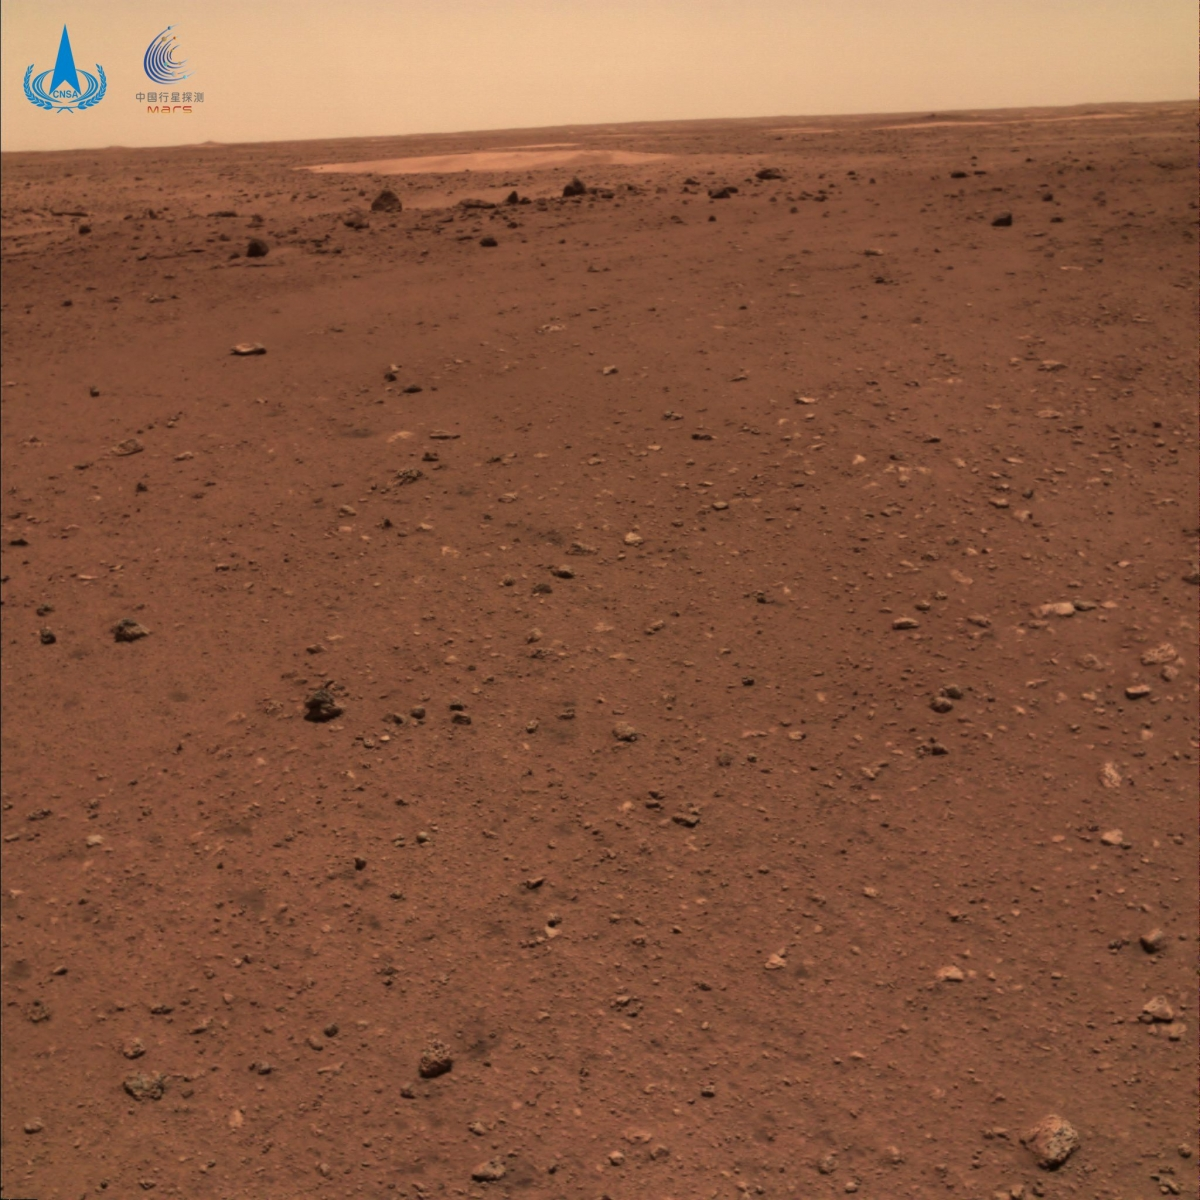 Khung cảnh trên sao Hỏa. Ảnh: CNSA